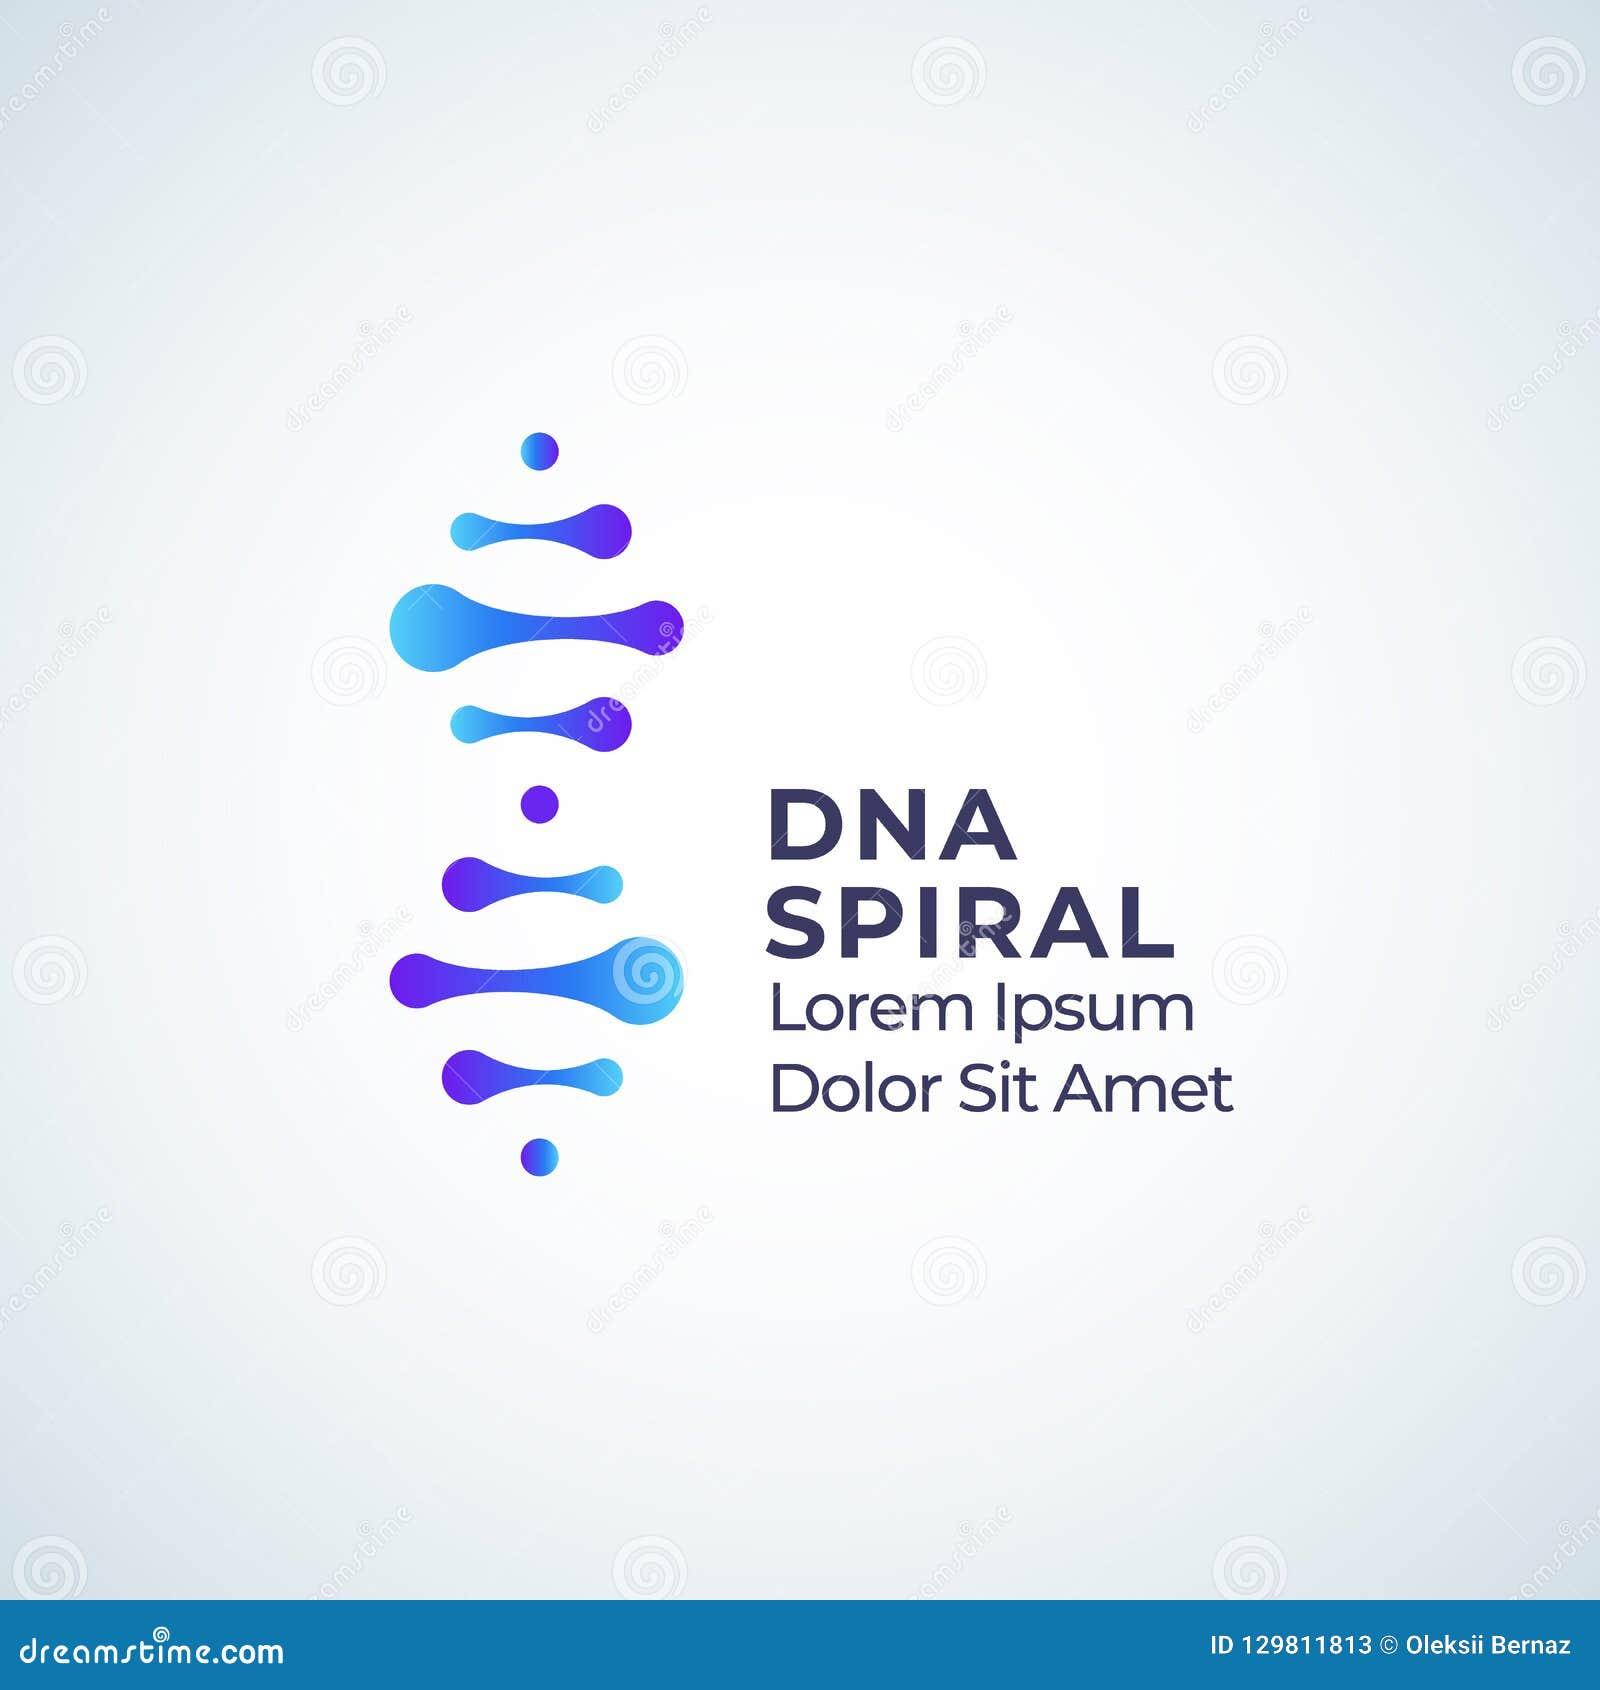 Teken, het Symbool of Logo Template van DNA het Spiraalvormige Abstracte Vector Modern Technologie, Geneeskunde of Biotechnologie